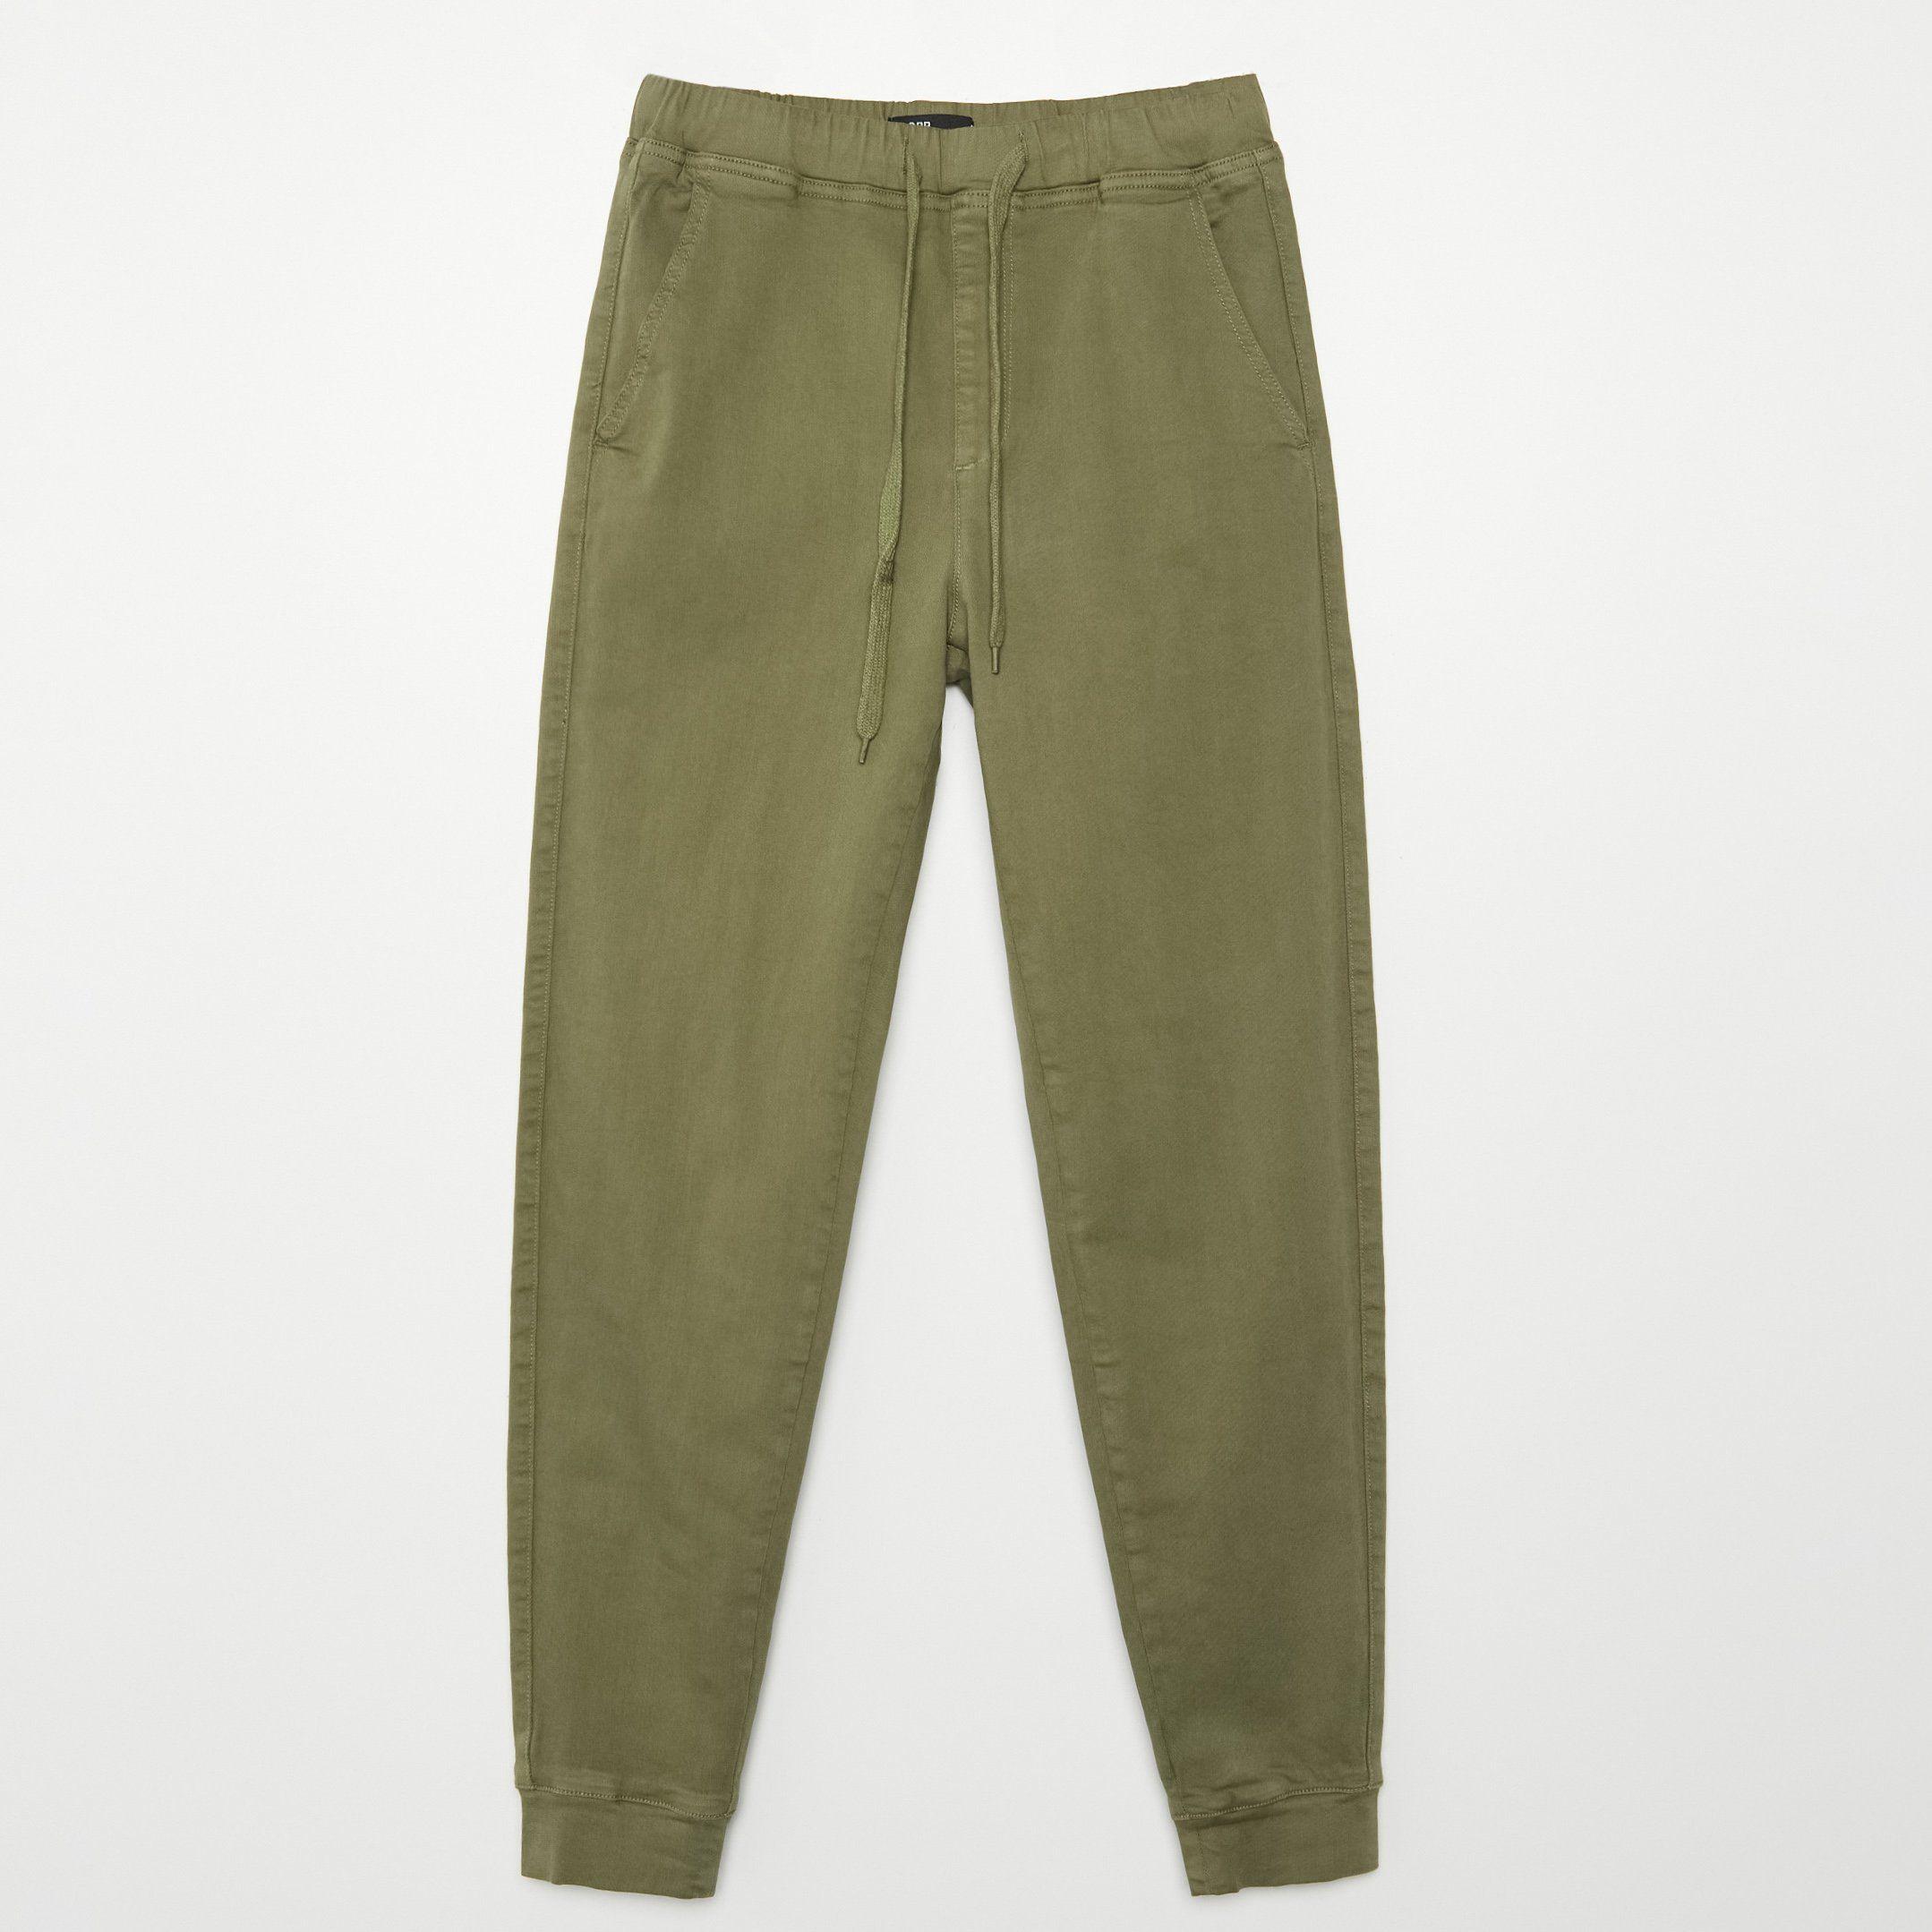 Spodnie rurki khaki